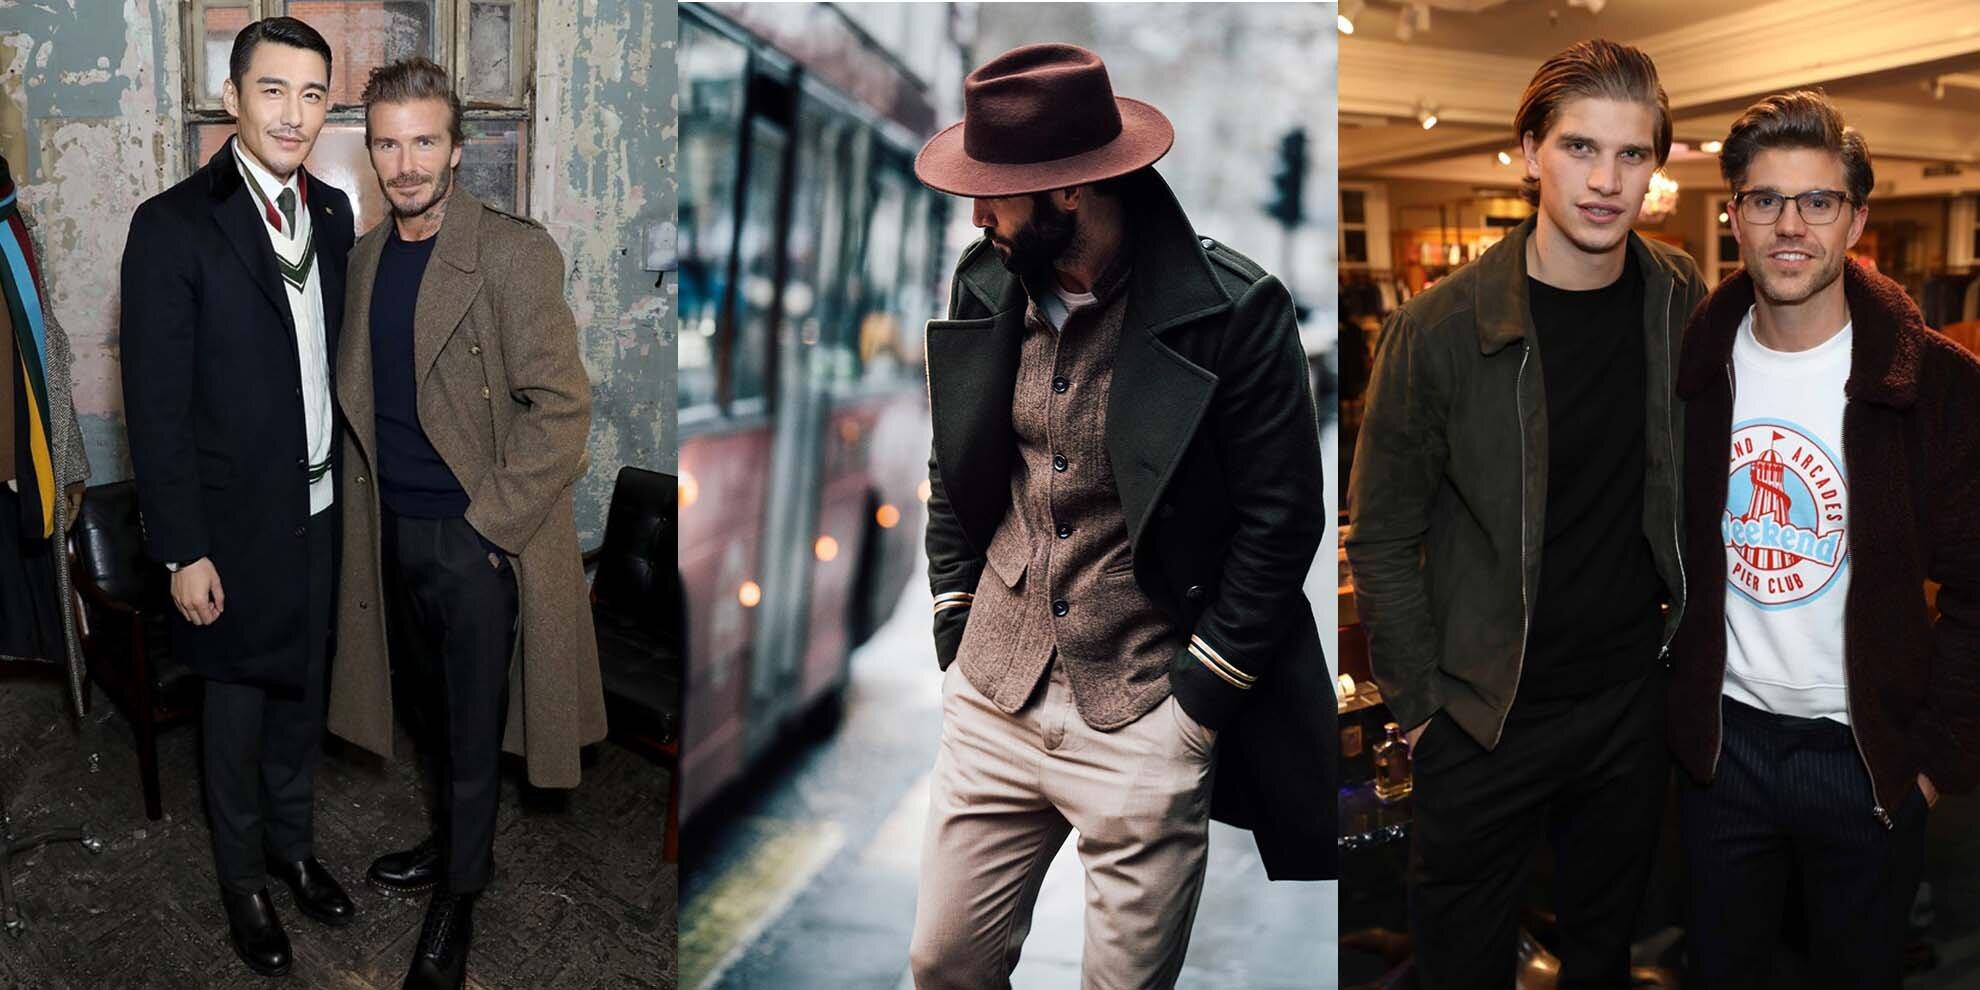 Men's fashion week 2017 London - Męski Fashion Week w Londynie - London streetwear - Pokazy mody męskiej w Londynie - David Beckham moda męska